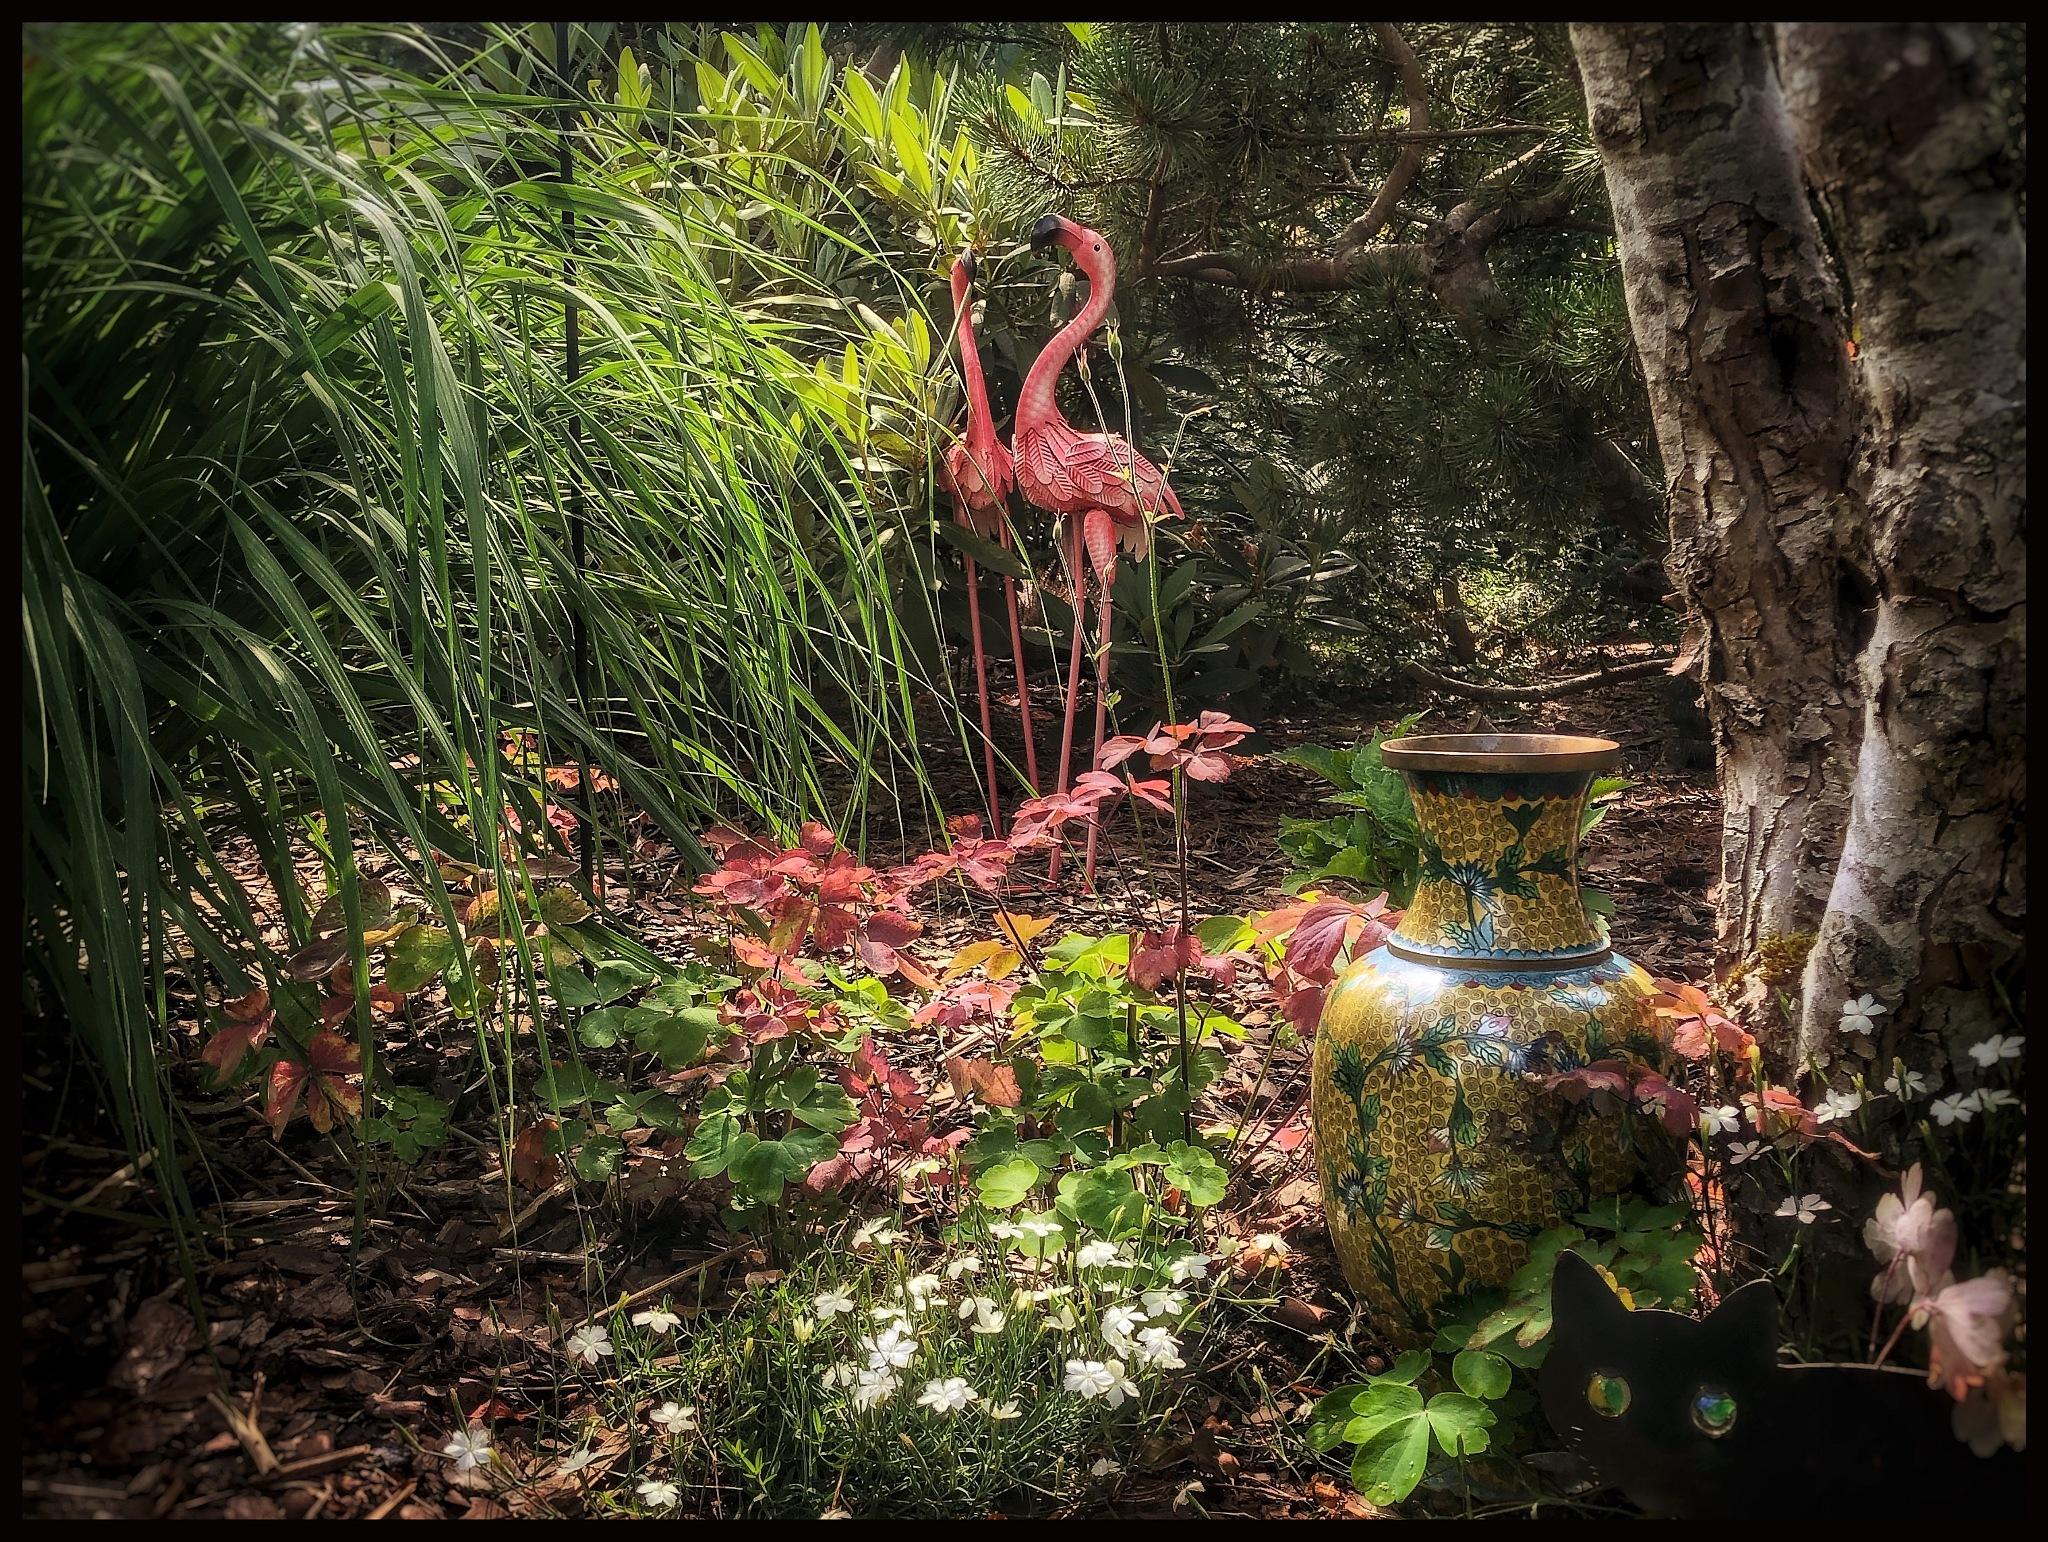 A part of our garden... by Mats Örn